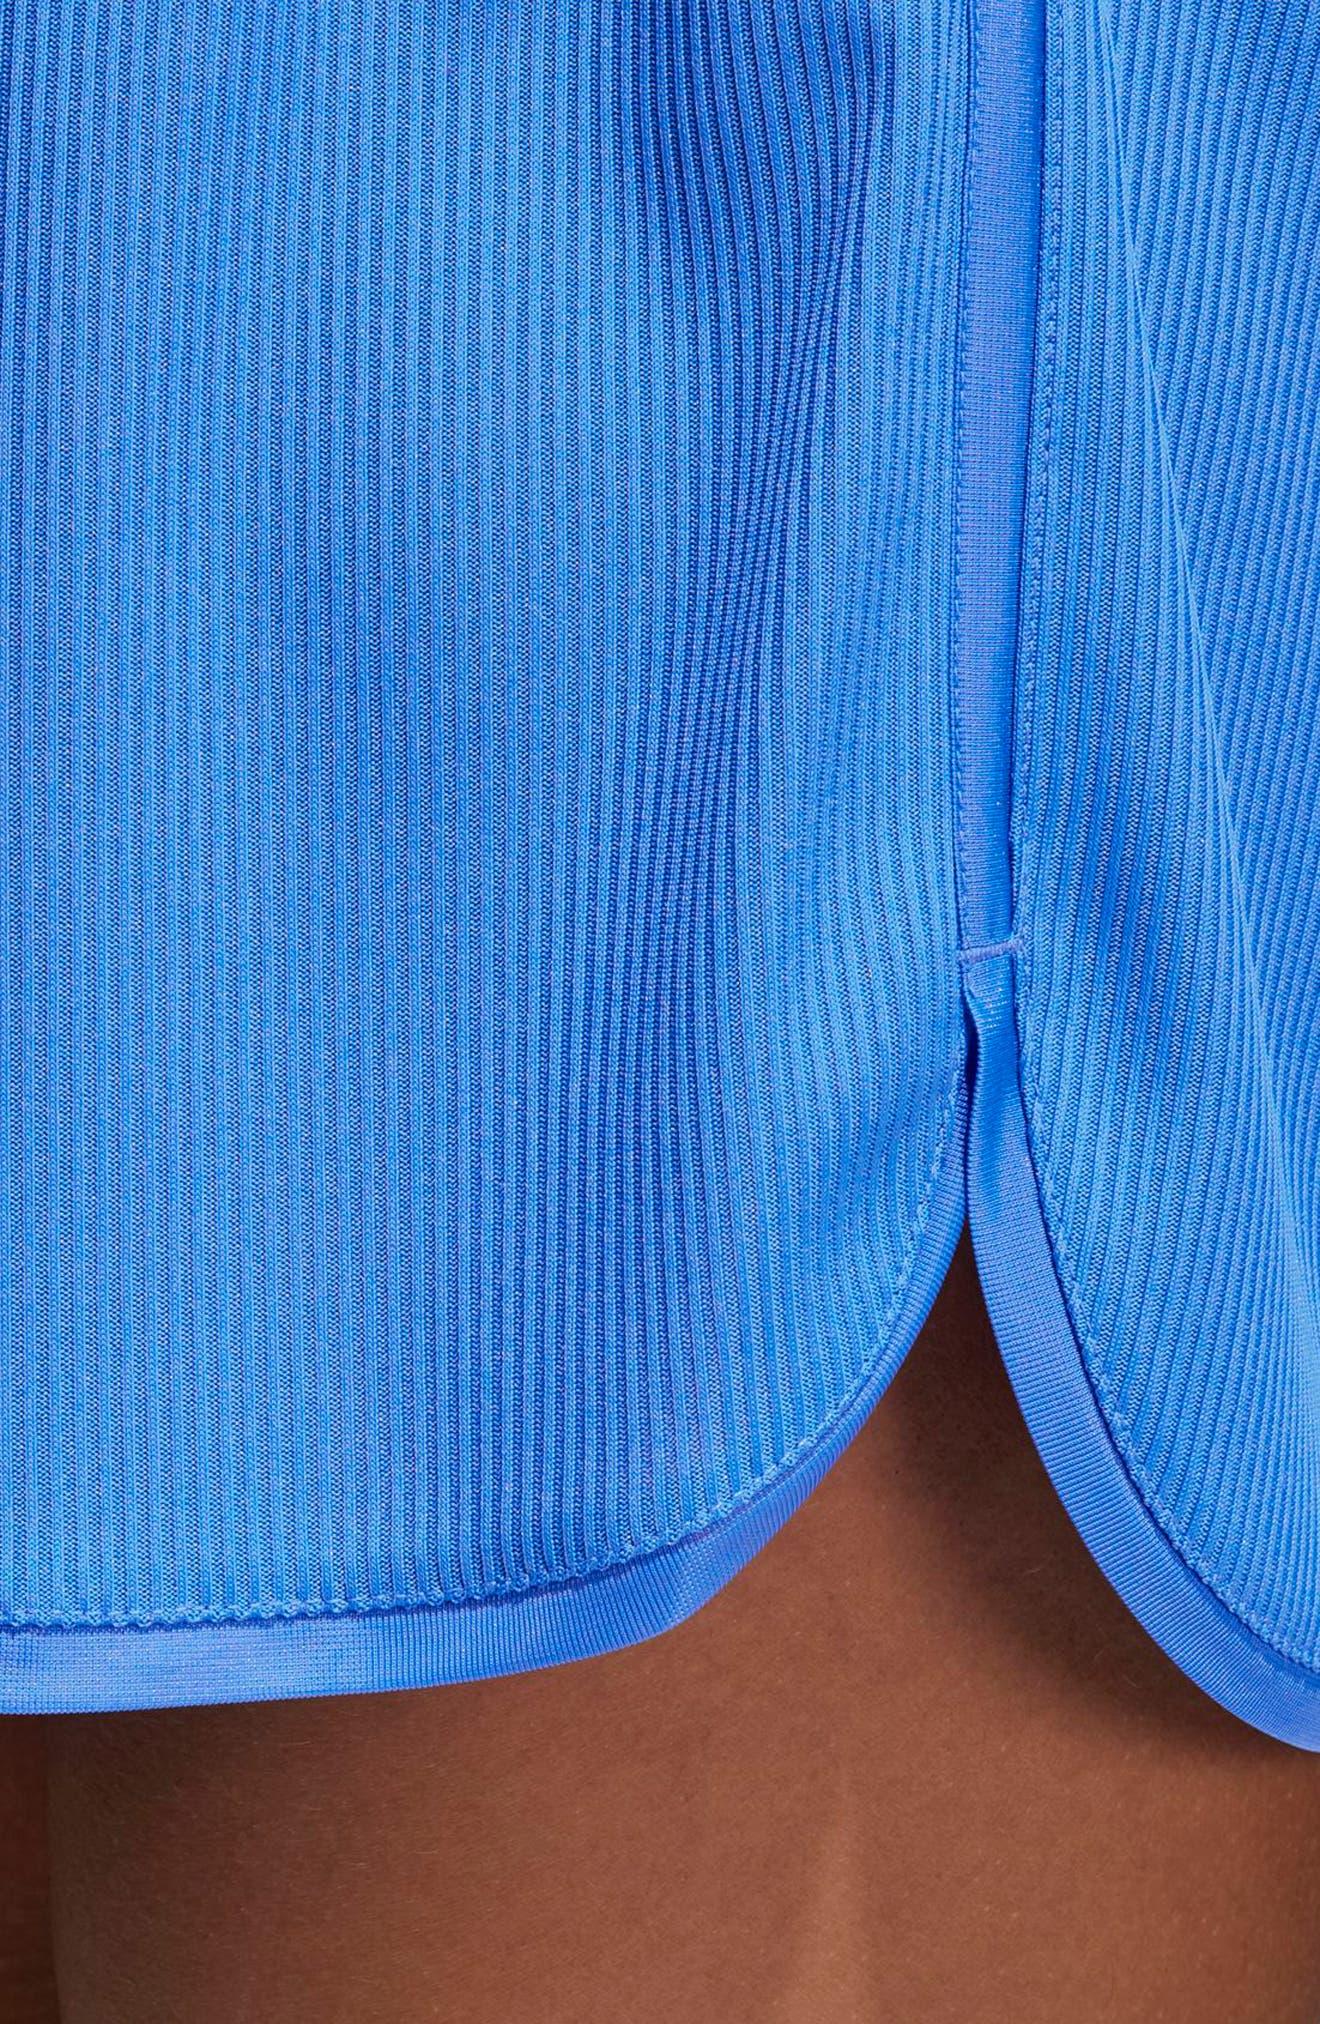 Originals Fashion League Shorts,                             Alternate thumbnail 5, color,                             Hi-Res Blue